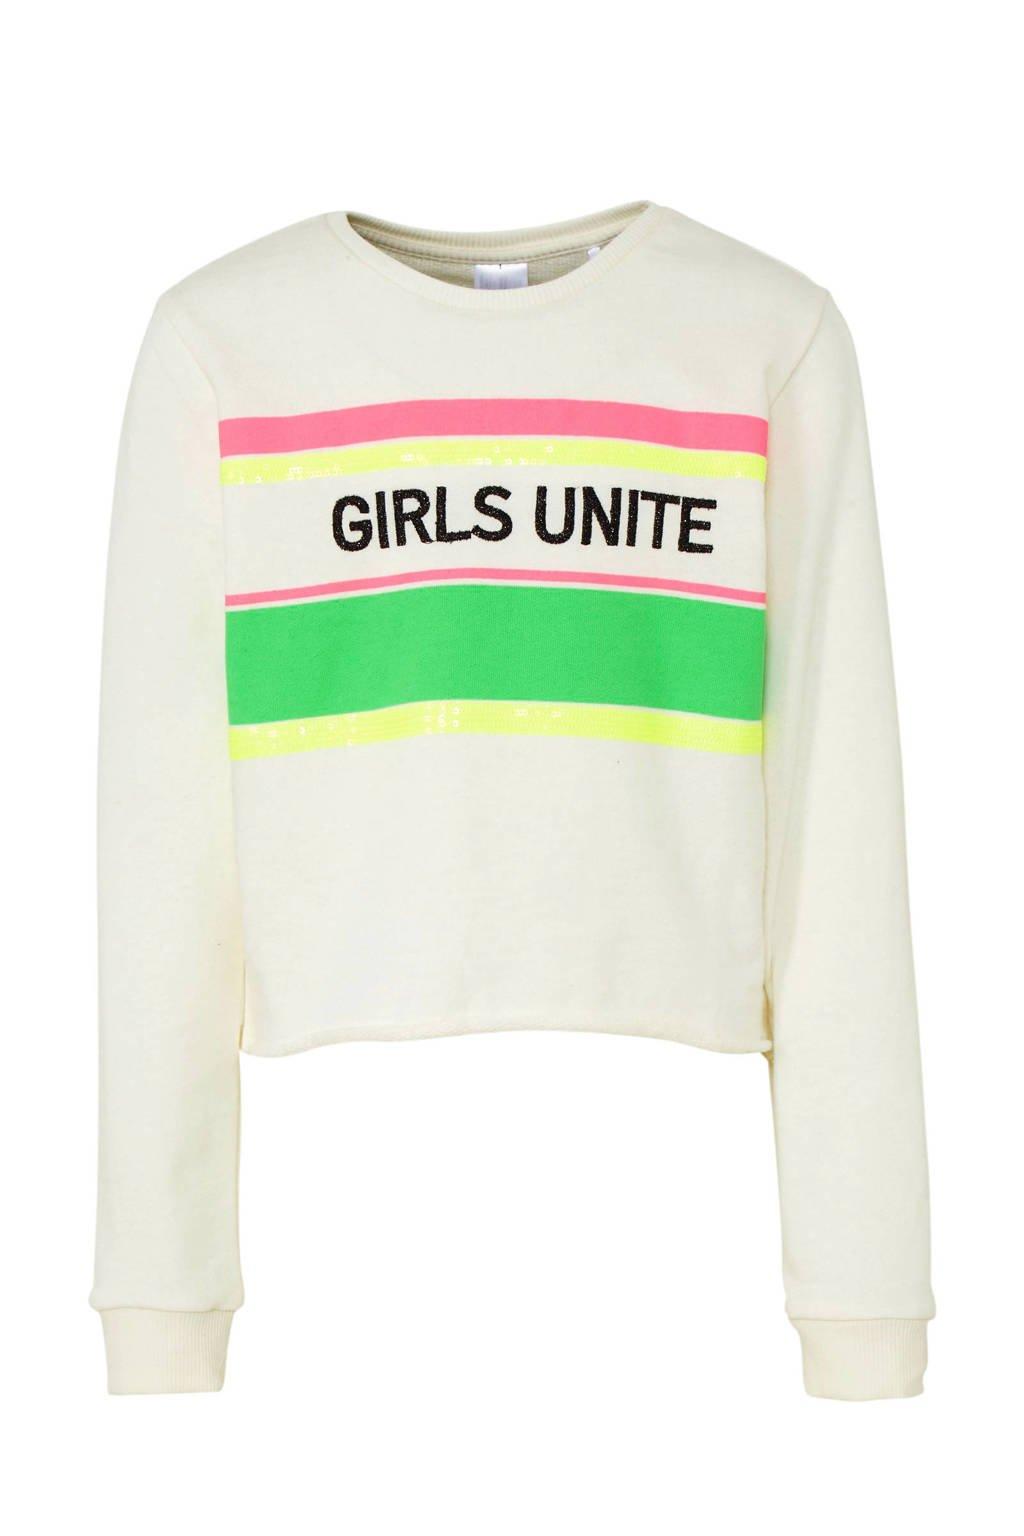 C&A Here & There sweater met tekst en pailletten ecru, Ecru